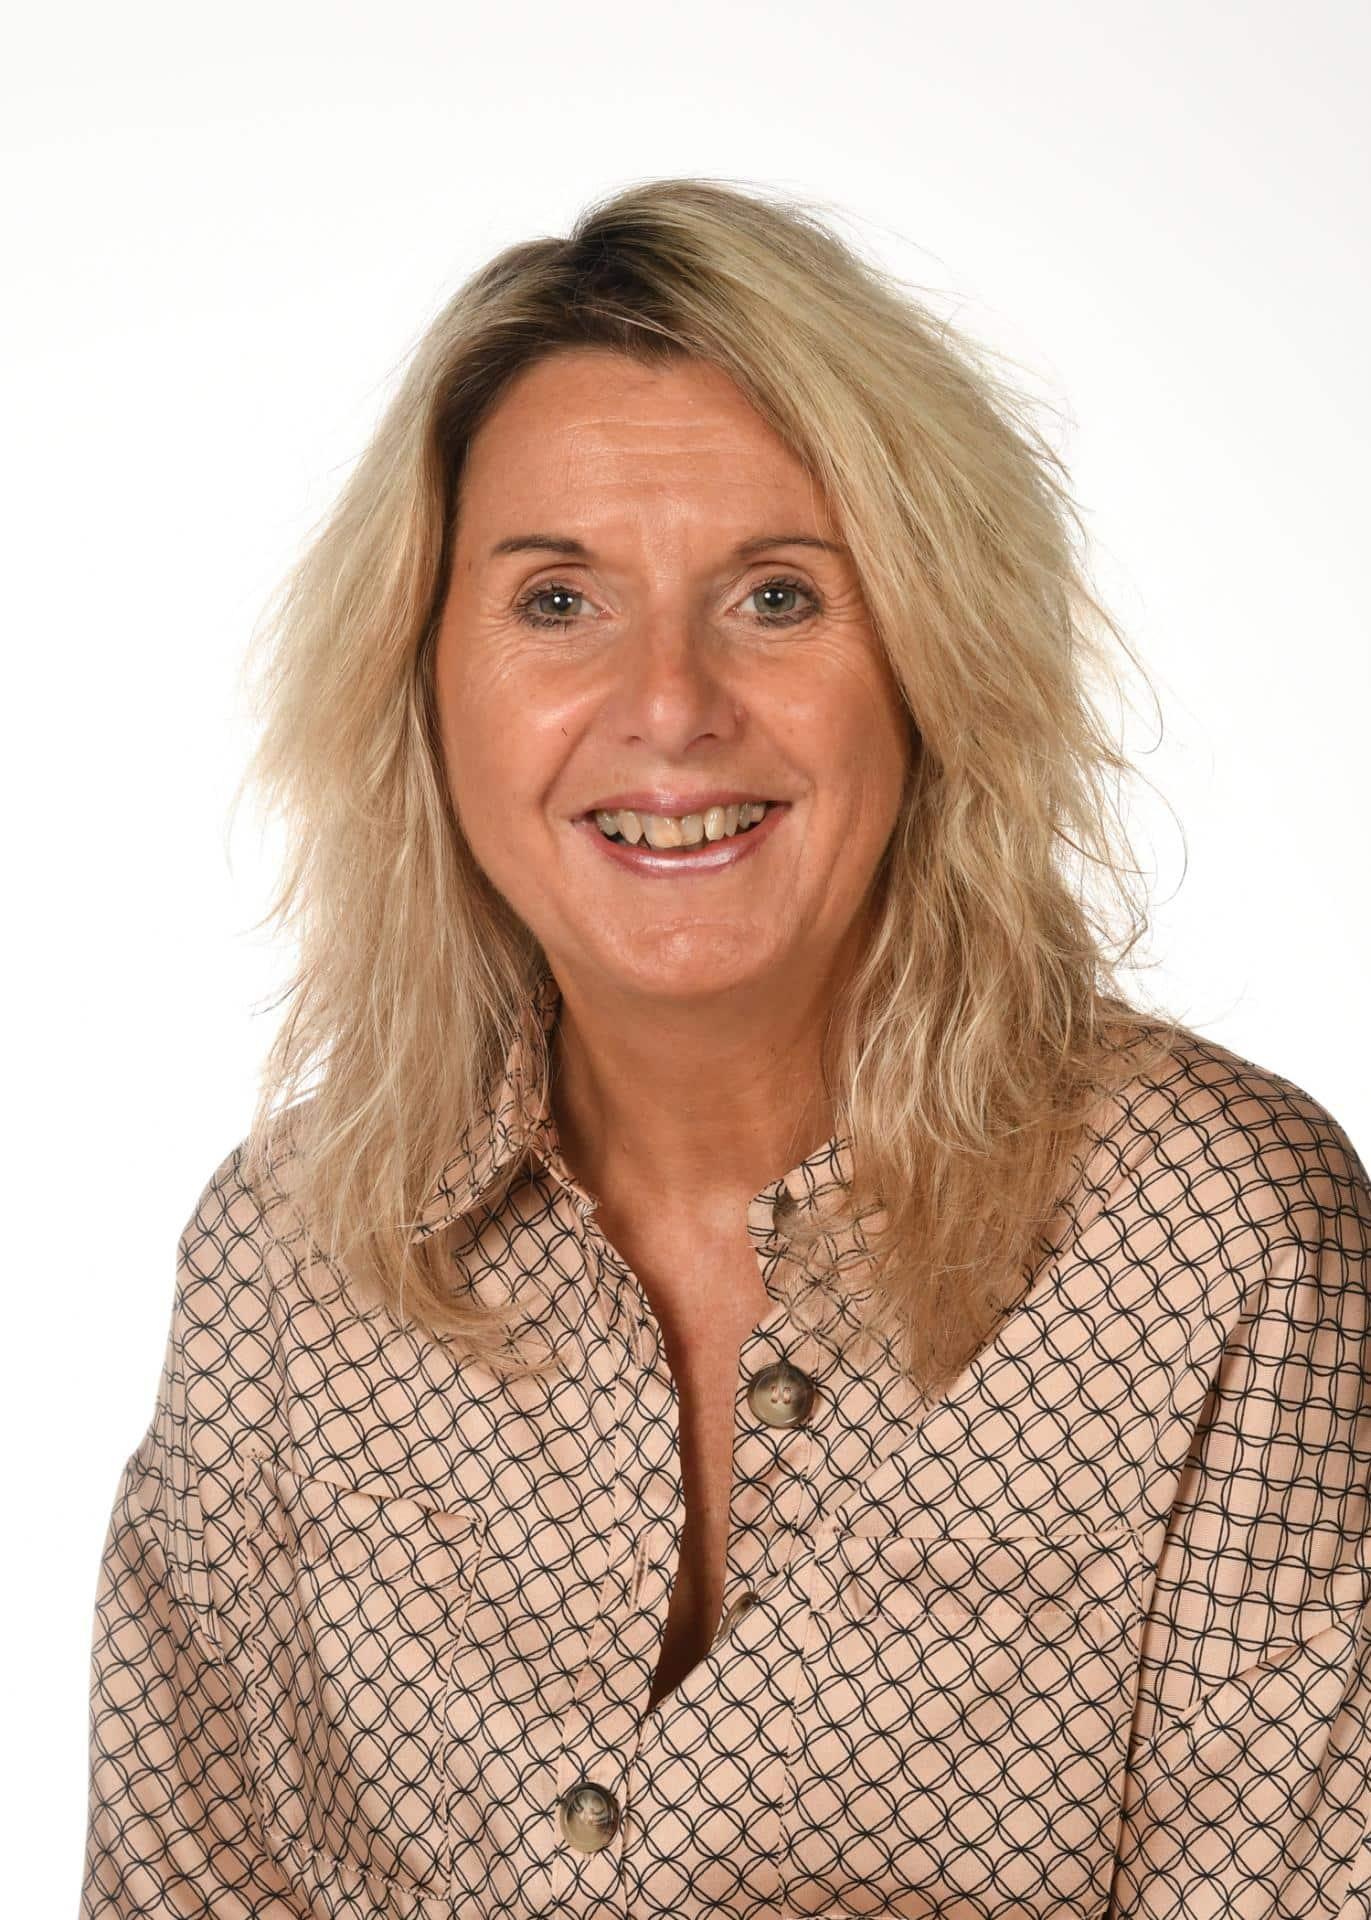 Alison Padday